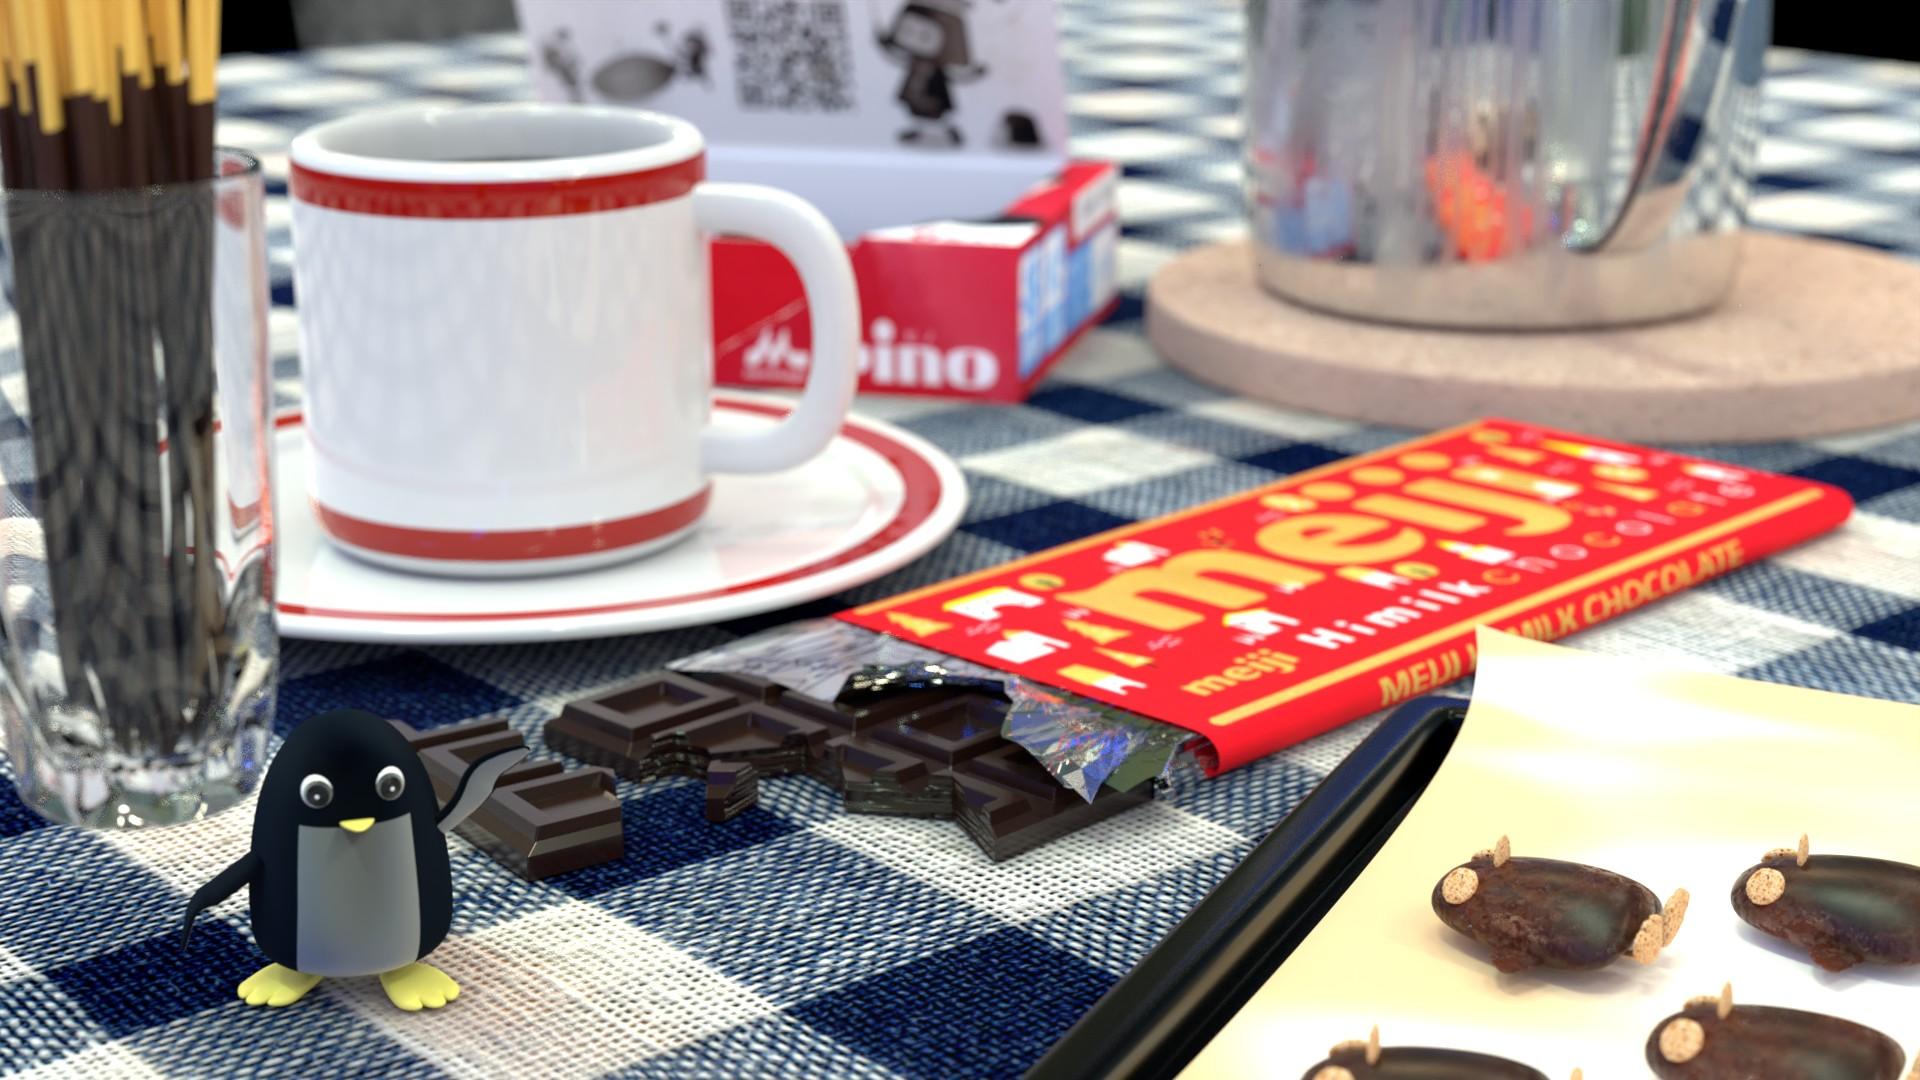 チョコレートに囲まれたぺんぎんさん